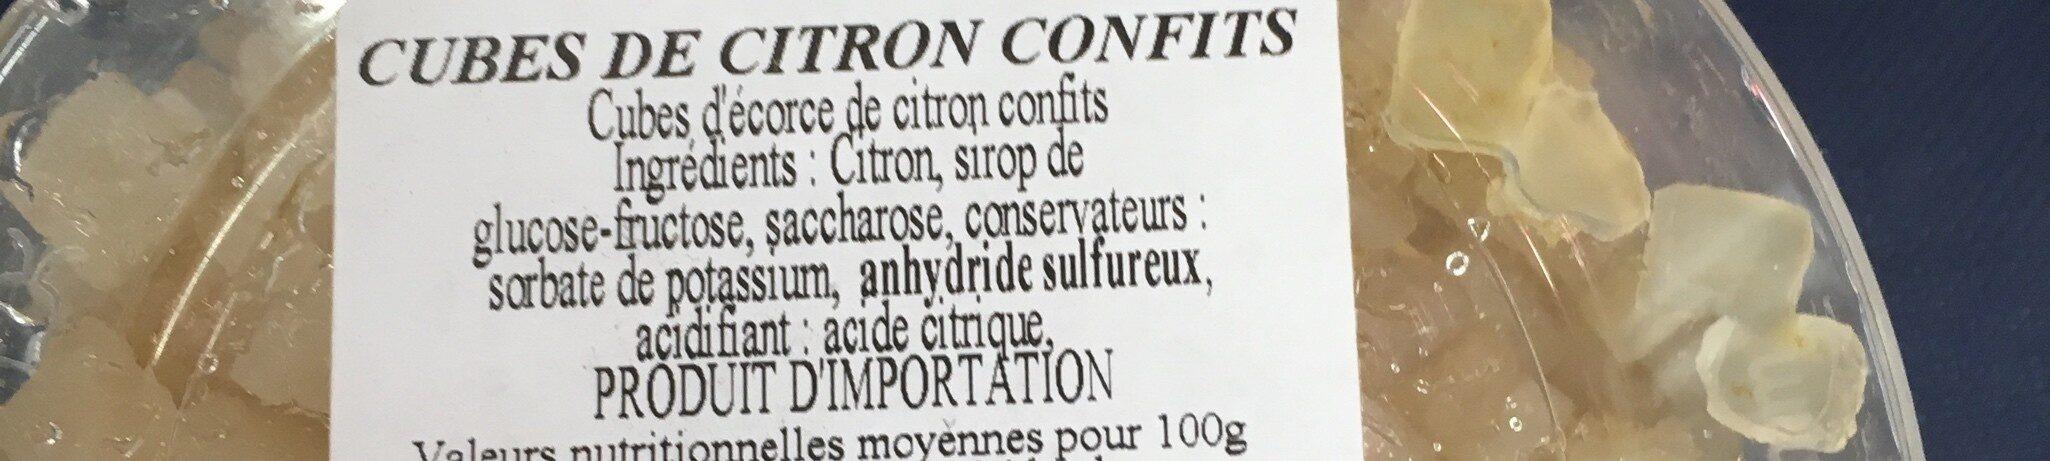 Citrons confits en cubes maitre prunille - Ingrédients - fr